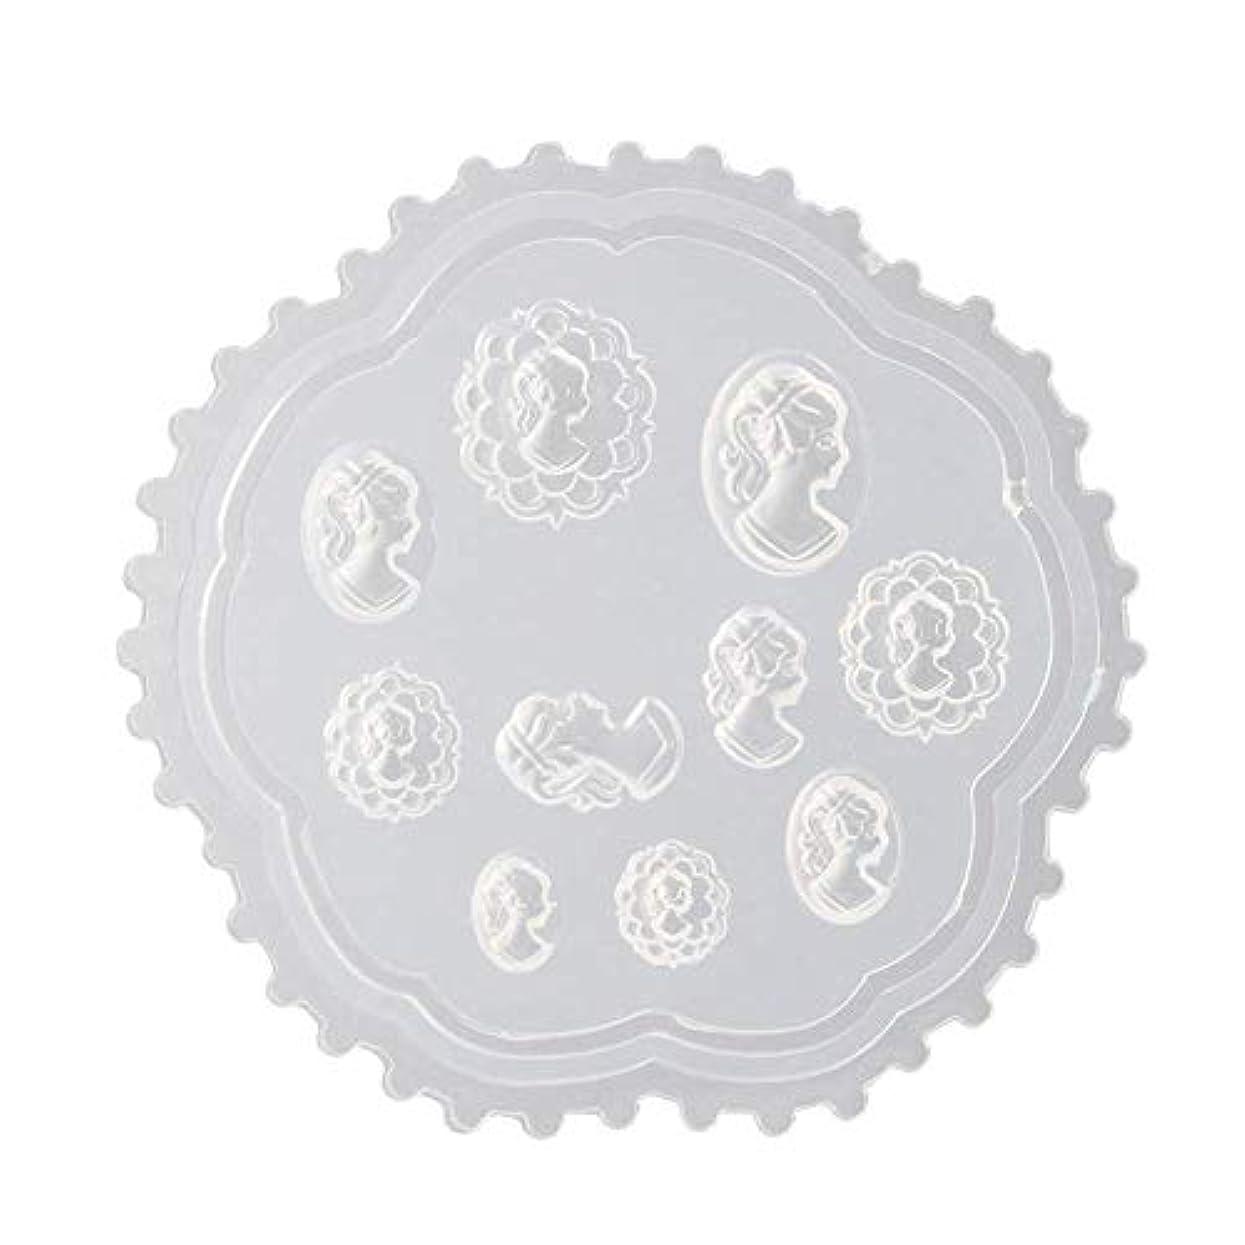 する必要がある追跡皮肉coraly 3Dシリコンモールド ネイル 葉 花 抜き型 3Dネイル用 レジンモールド UVレジン ネイルパーツ ジェル ネイル セット アクセサリー パーツ 作成 (2)